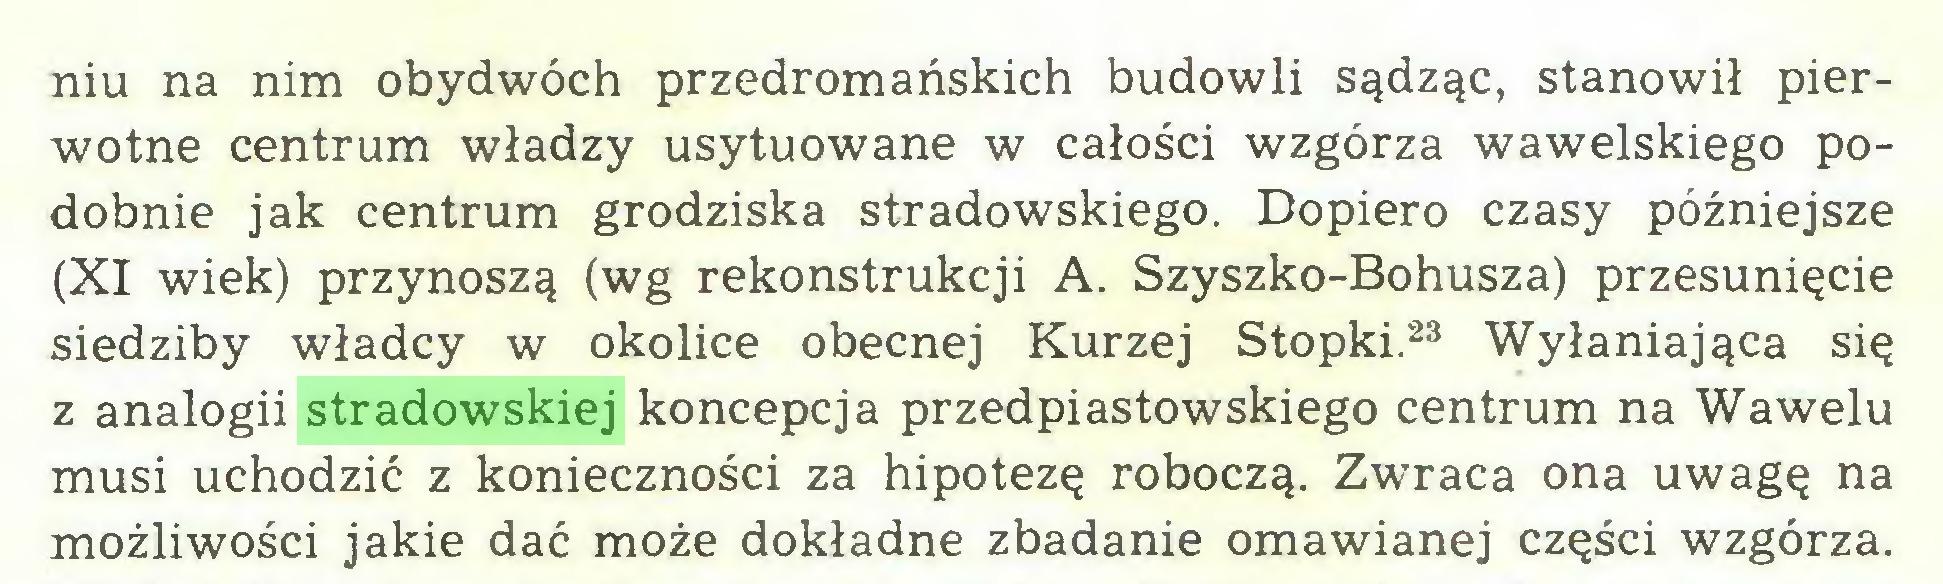 (...) niu na nim obydwóch przedromańskich budowli sądząc, stanowił pierwotne centrum władzy usytuowane w całości wzgórza wawelskiego podobnie jak centrum grodziska stradowskiego. Dopiero czasy późniejsze (XI wiek) przynoszą (wg rekonstrukcji A. Szyszko-Bohusza) przesunięcie siedziby władcy w okolice obecnej Kurzej Stopki.23 Wyłaniająca się z analogii stradowskiej koncepcja przedpiastowskiego centrum na Wawelu musi uchodzić z konieczności za hipotezę roboczą. Zwraca ona uwagę na możliwości jakie dać może dokładne zbadanie omawianej części wzgórza...